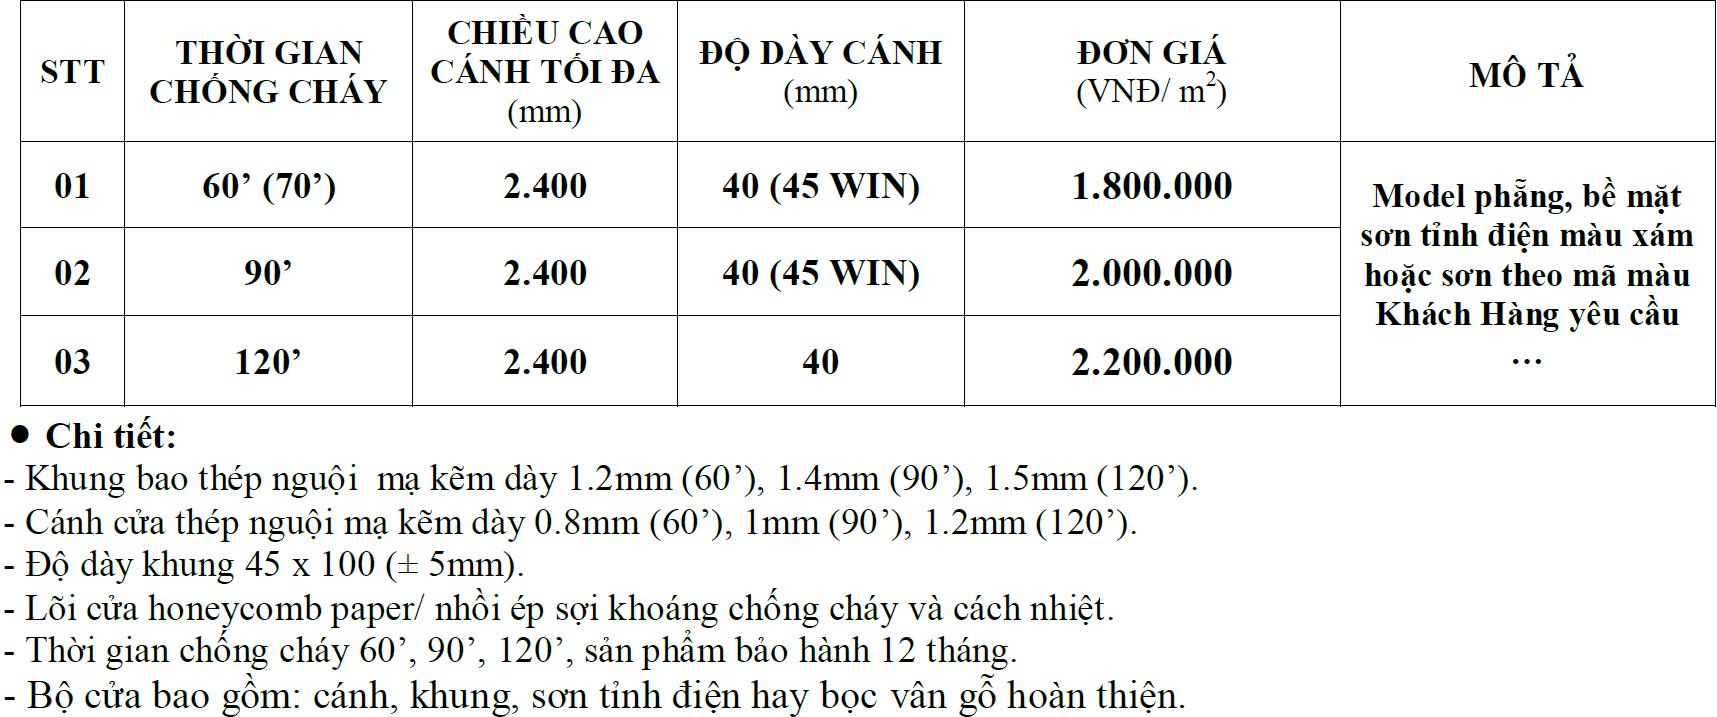 Bảng giá cửa thép chống cháy cao cấp tại Tp. Hồ Chí Minh